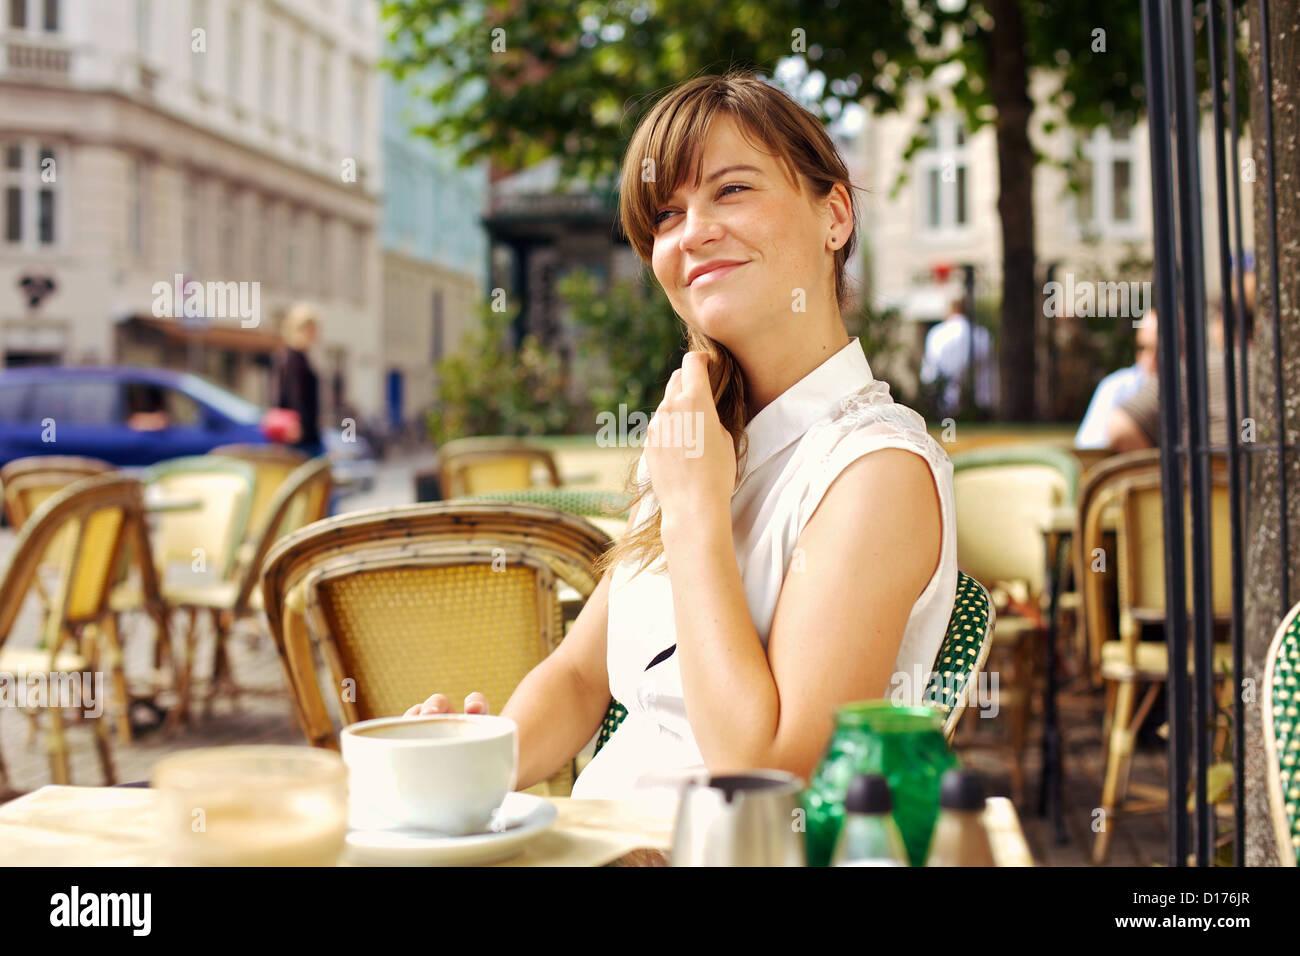 Profitant de la femme agréable matinée avec une tasse de café à l'extérieur, dans un Photo Stock